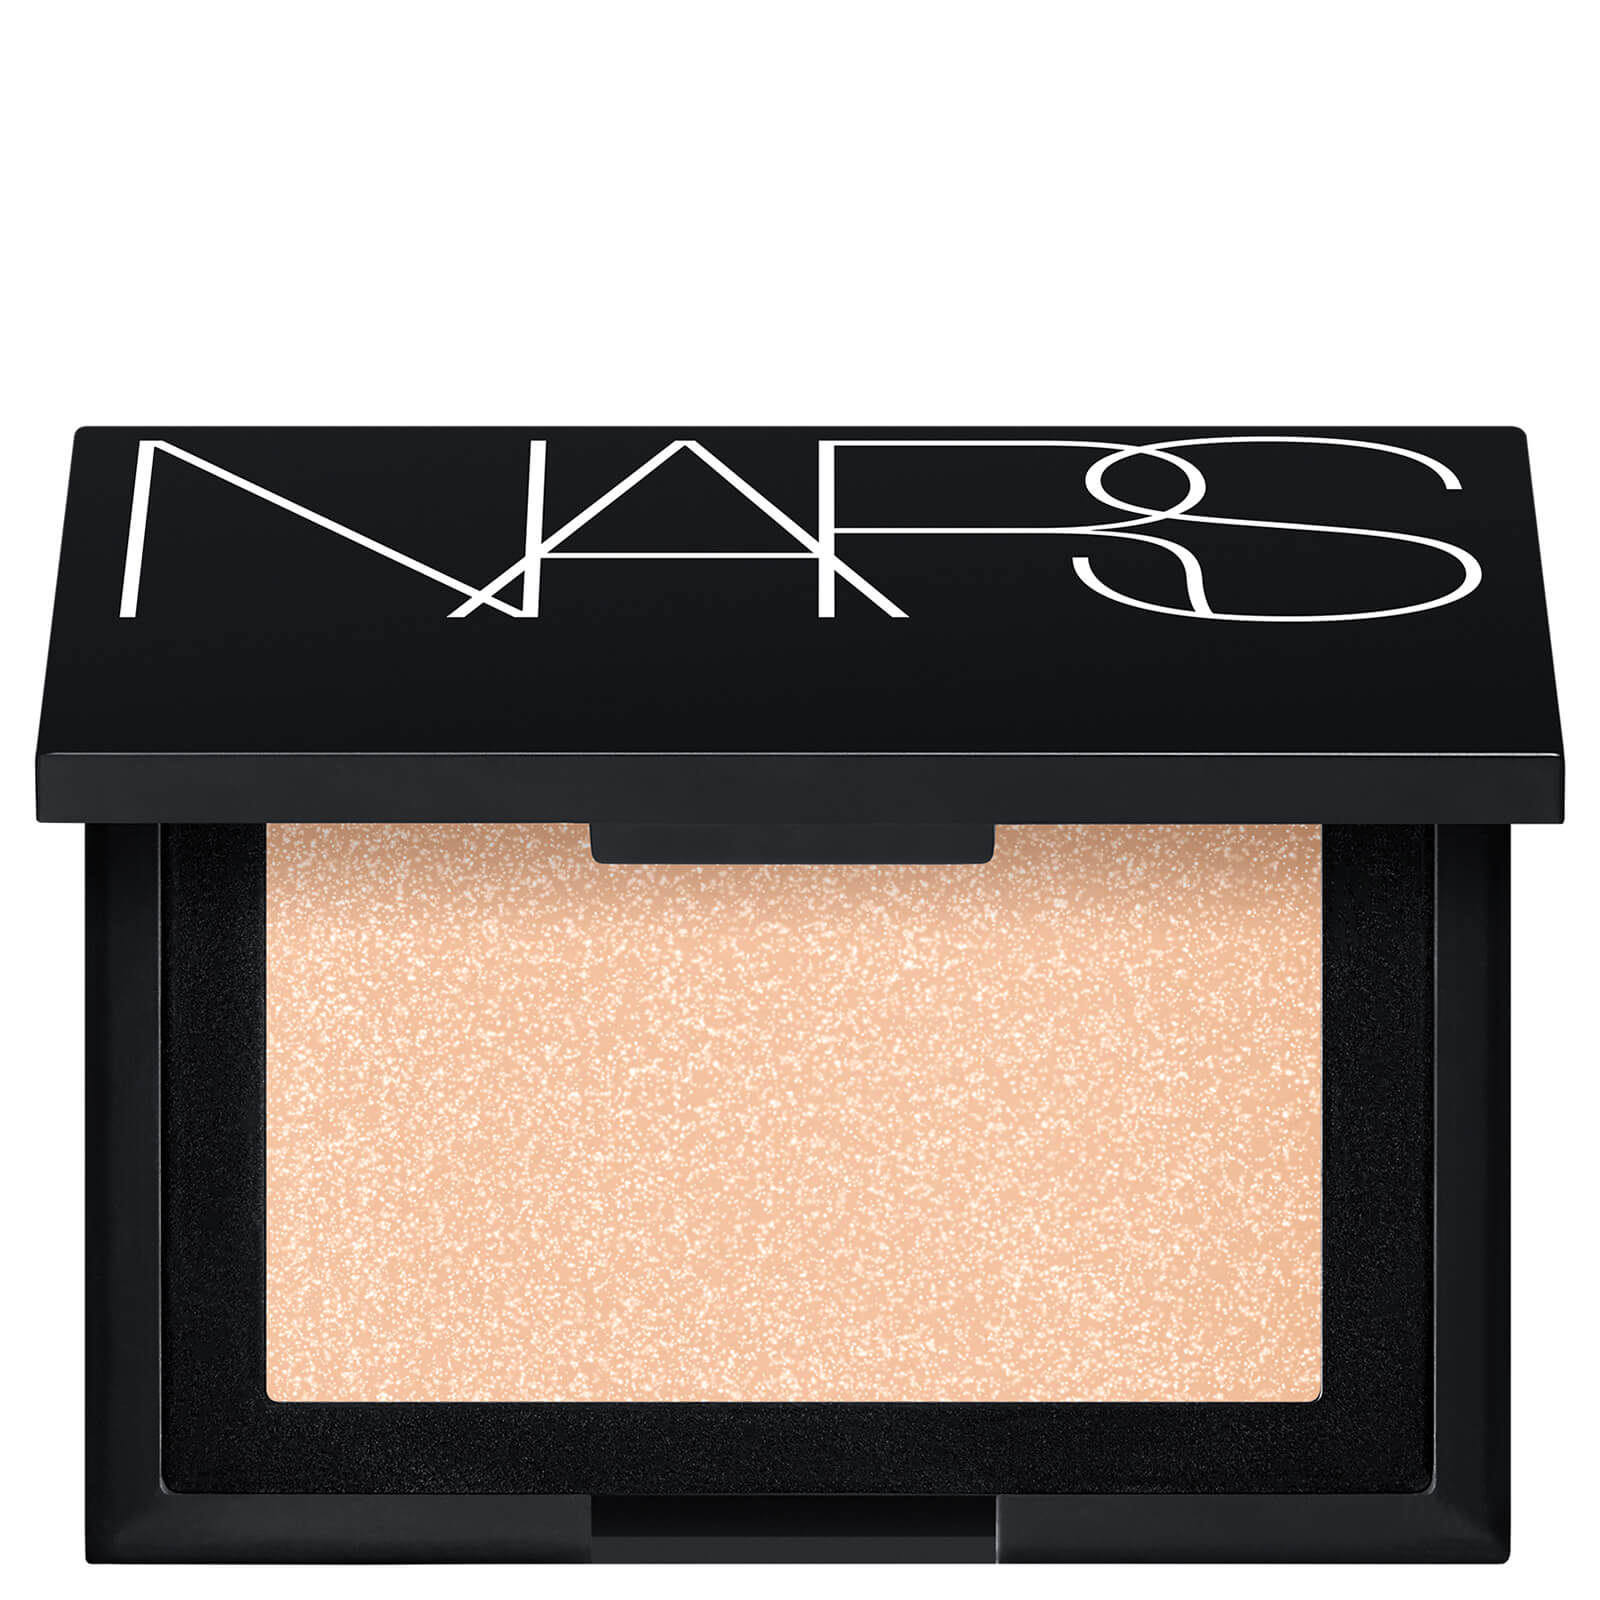 NARS Cosmetics Light Sculpting Highlighting Powder 8g (Various Shades) - Fort De France